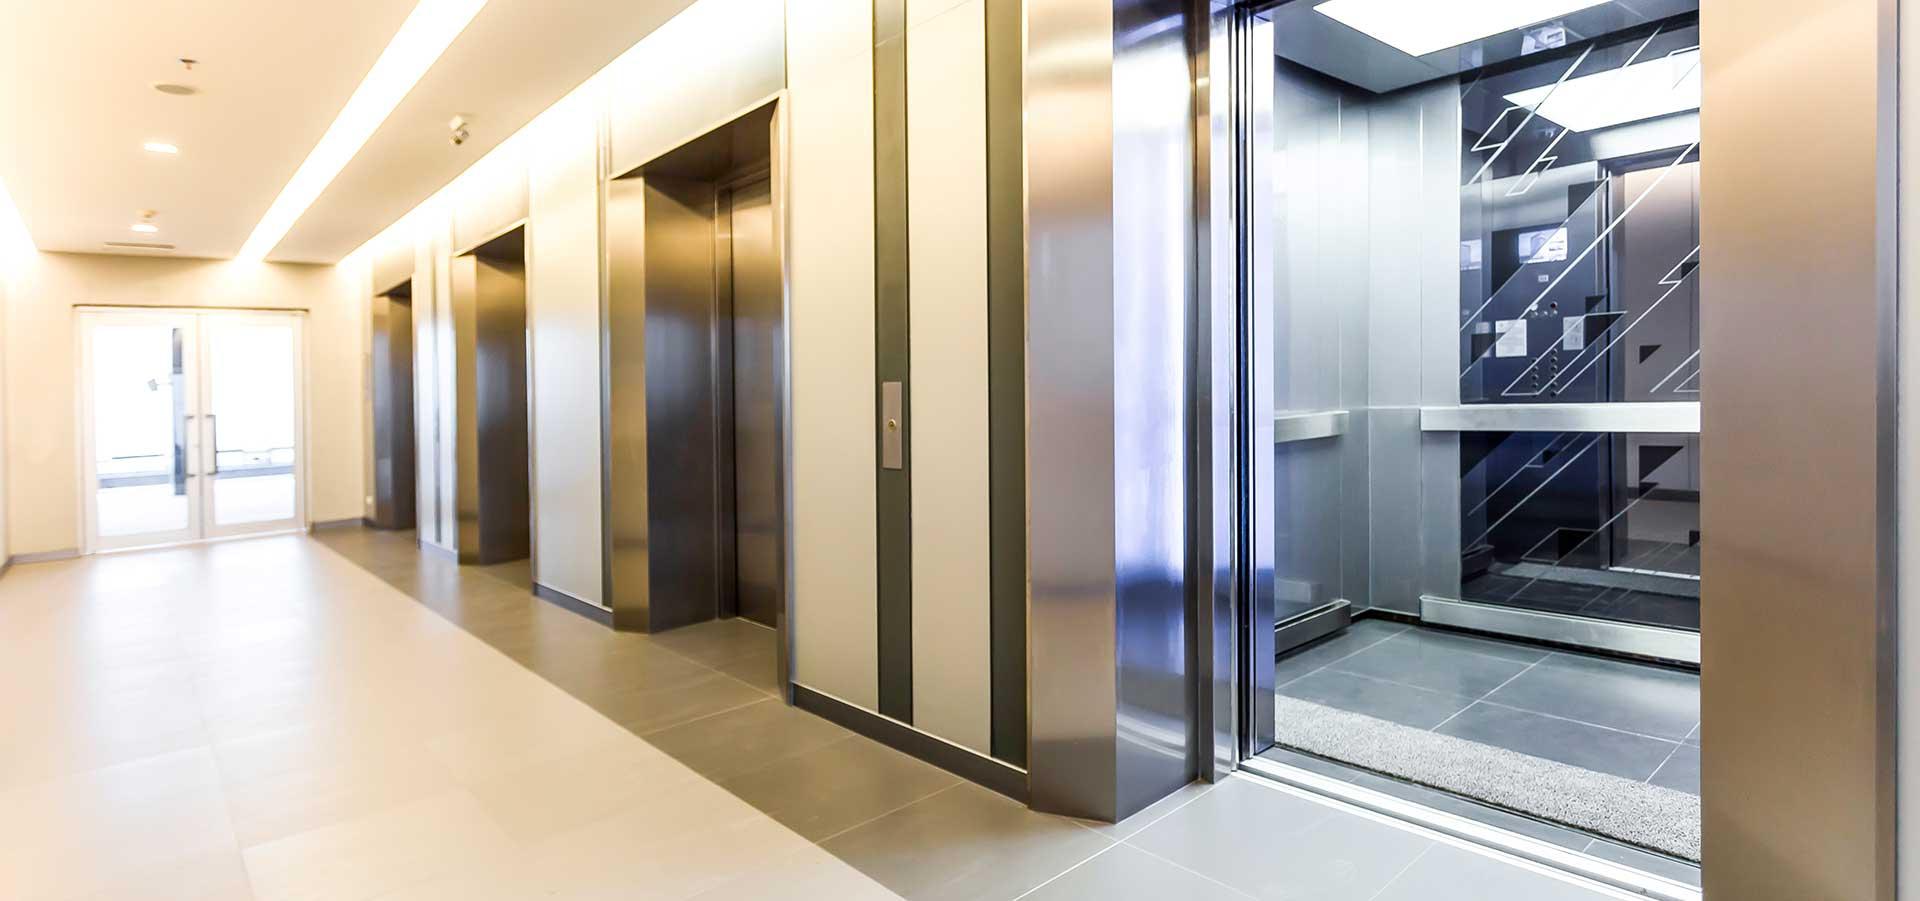 Dette kan du gjøre med speil i heisen